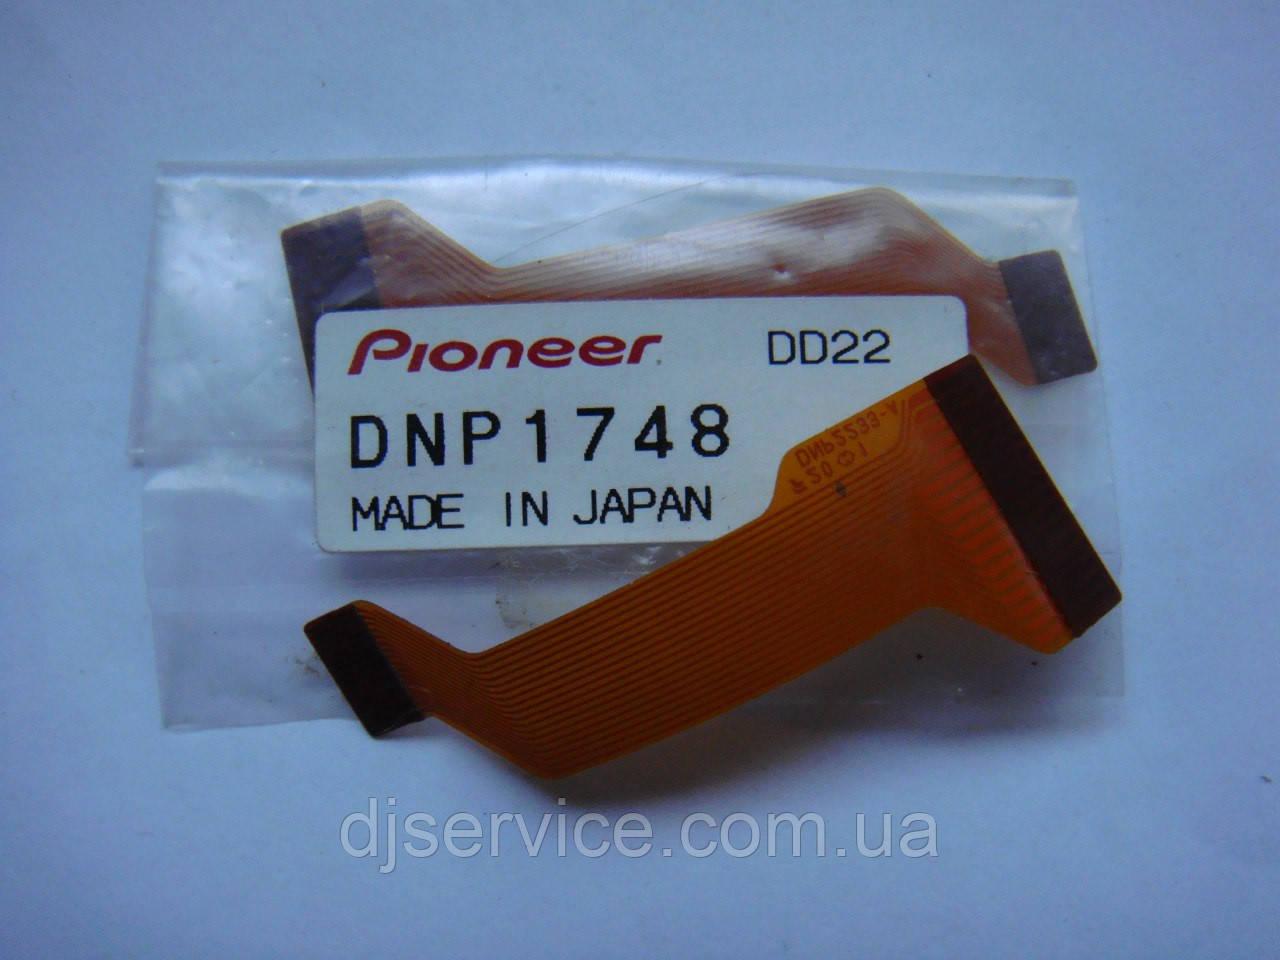 Шлейф лазерной головки DNP1748  для Pioneer cdj100s , cdj500s , cdj700s , cmx5000 - Интернет-магазин  djservice  НАЛОЖЕННЫМ ПЛАТЕЖЕМ НЕ РАБОТАЕМ!!!! в Киеве